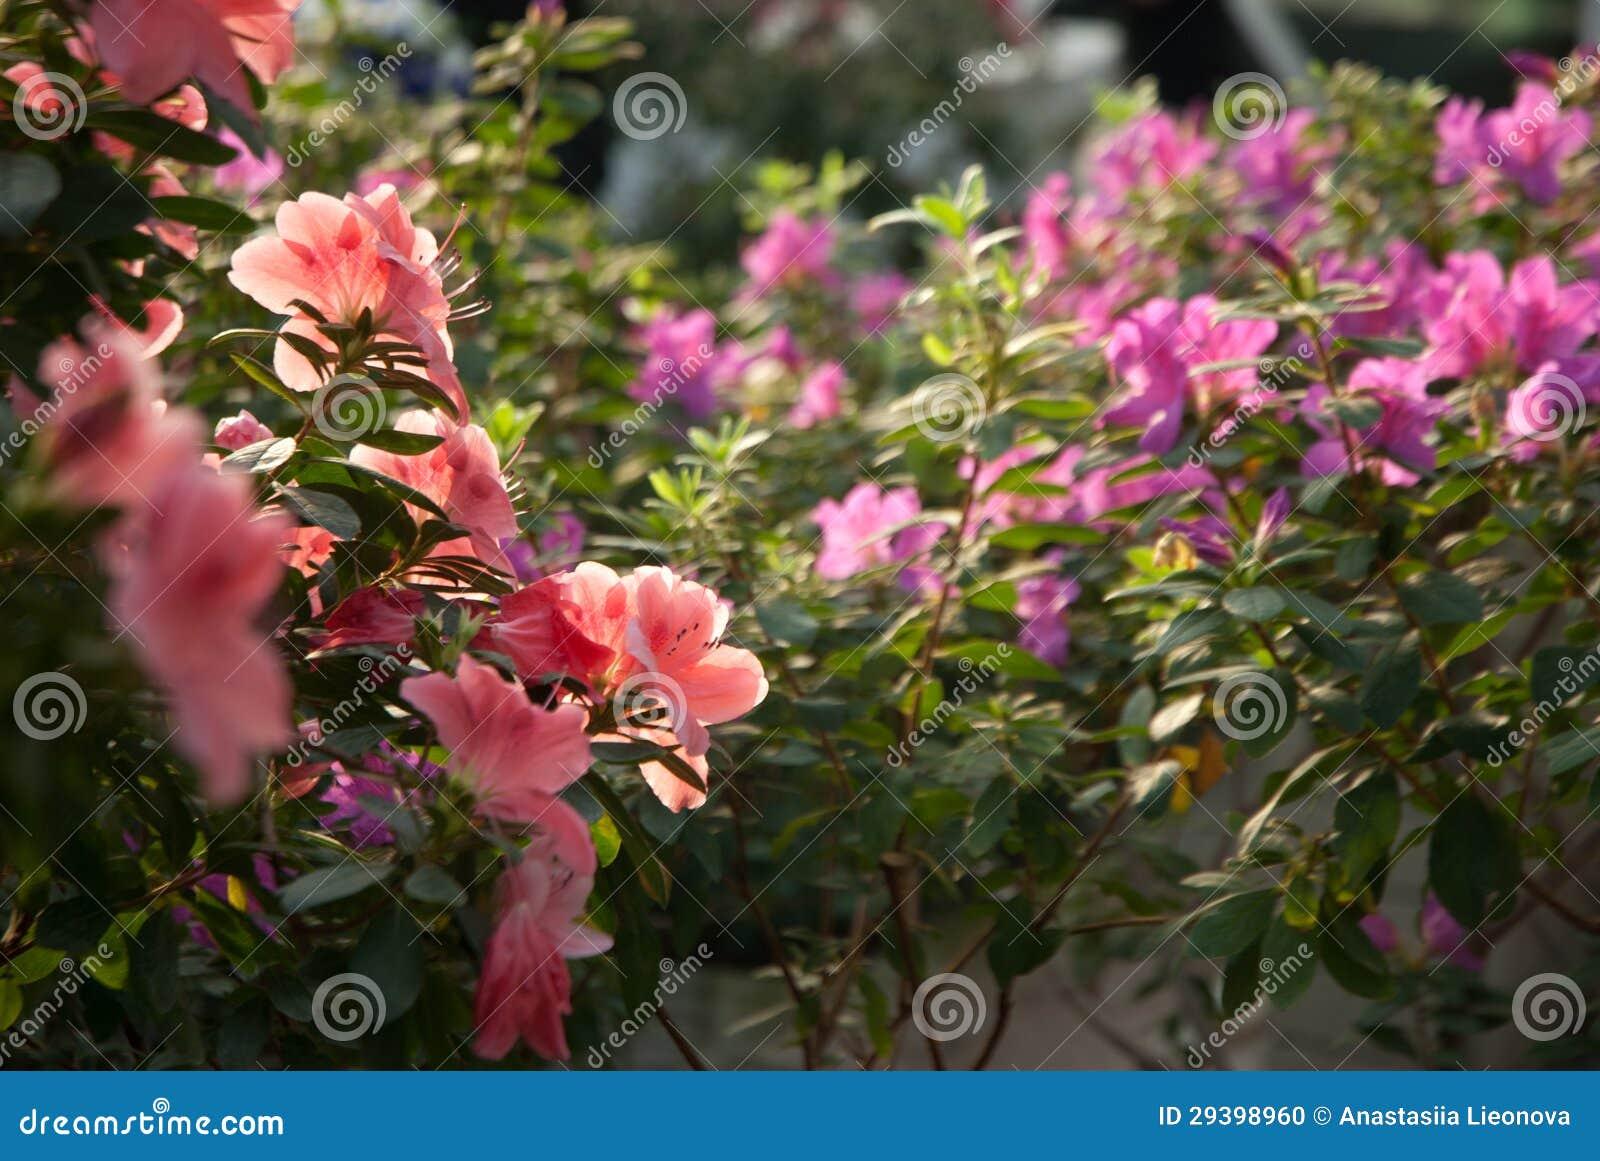 bl hender rosa rhododendron azalee. Black Bedroom Furniture Sets. Home Design Ideas